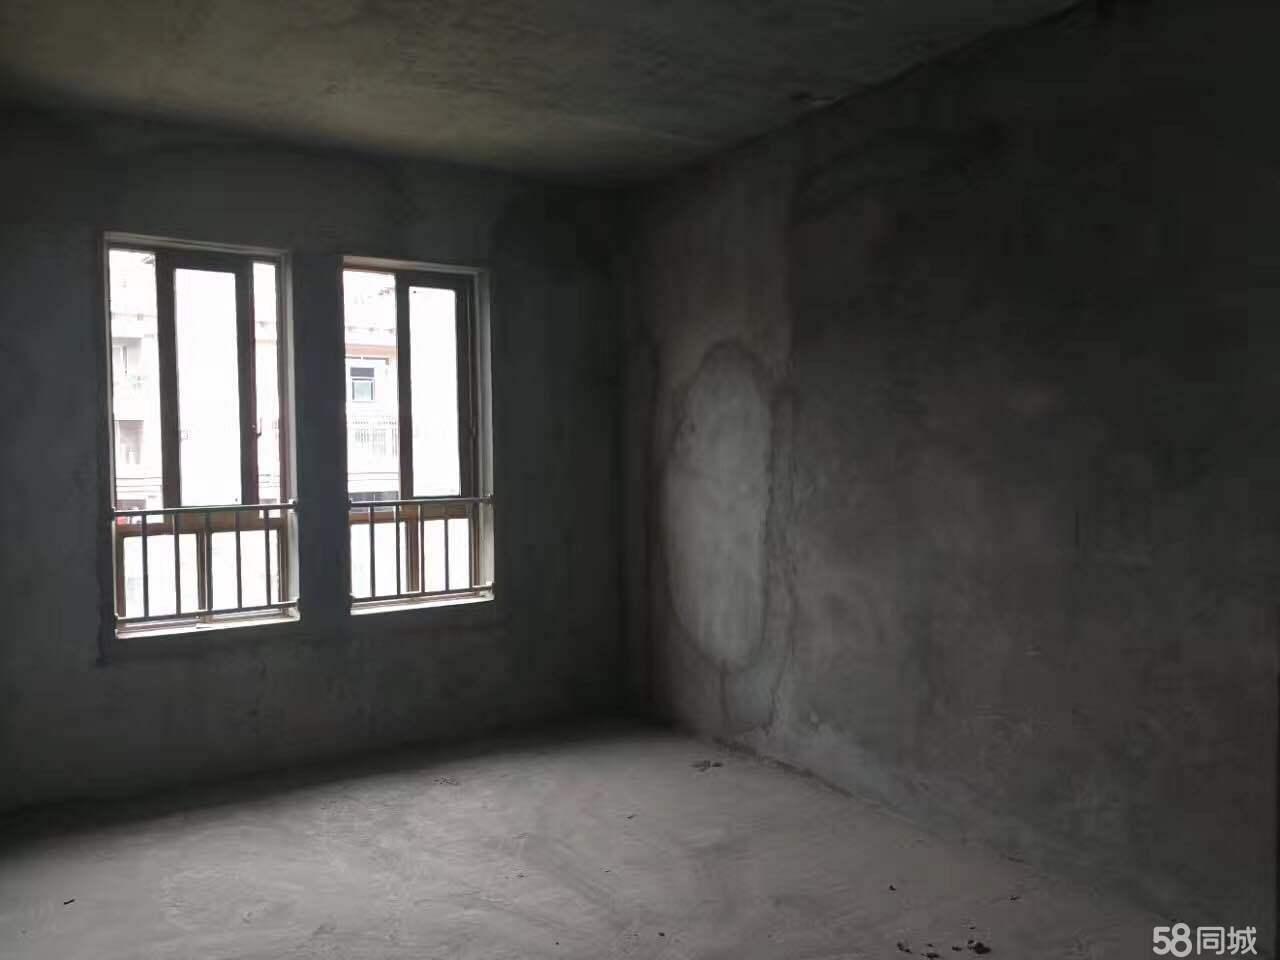 城西维多利亚二期正四室还望江哦,这样的房子哪里来